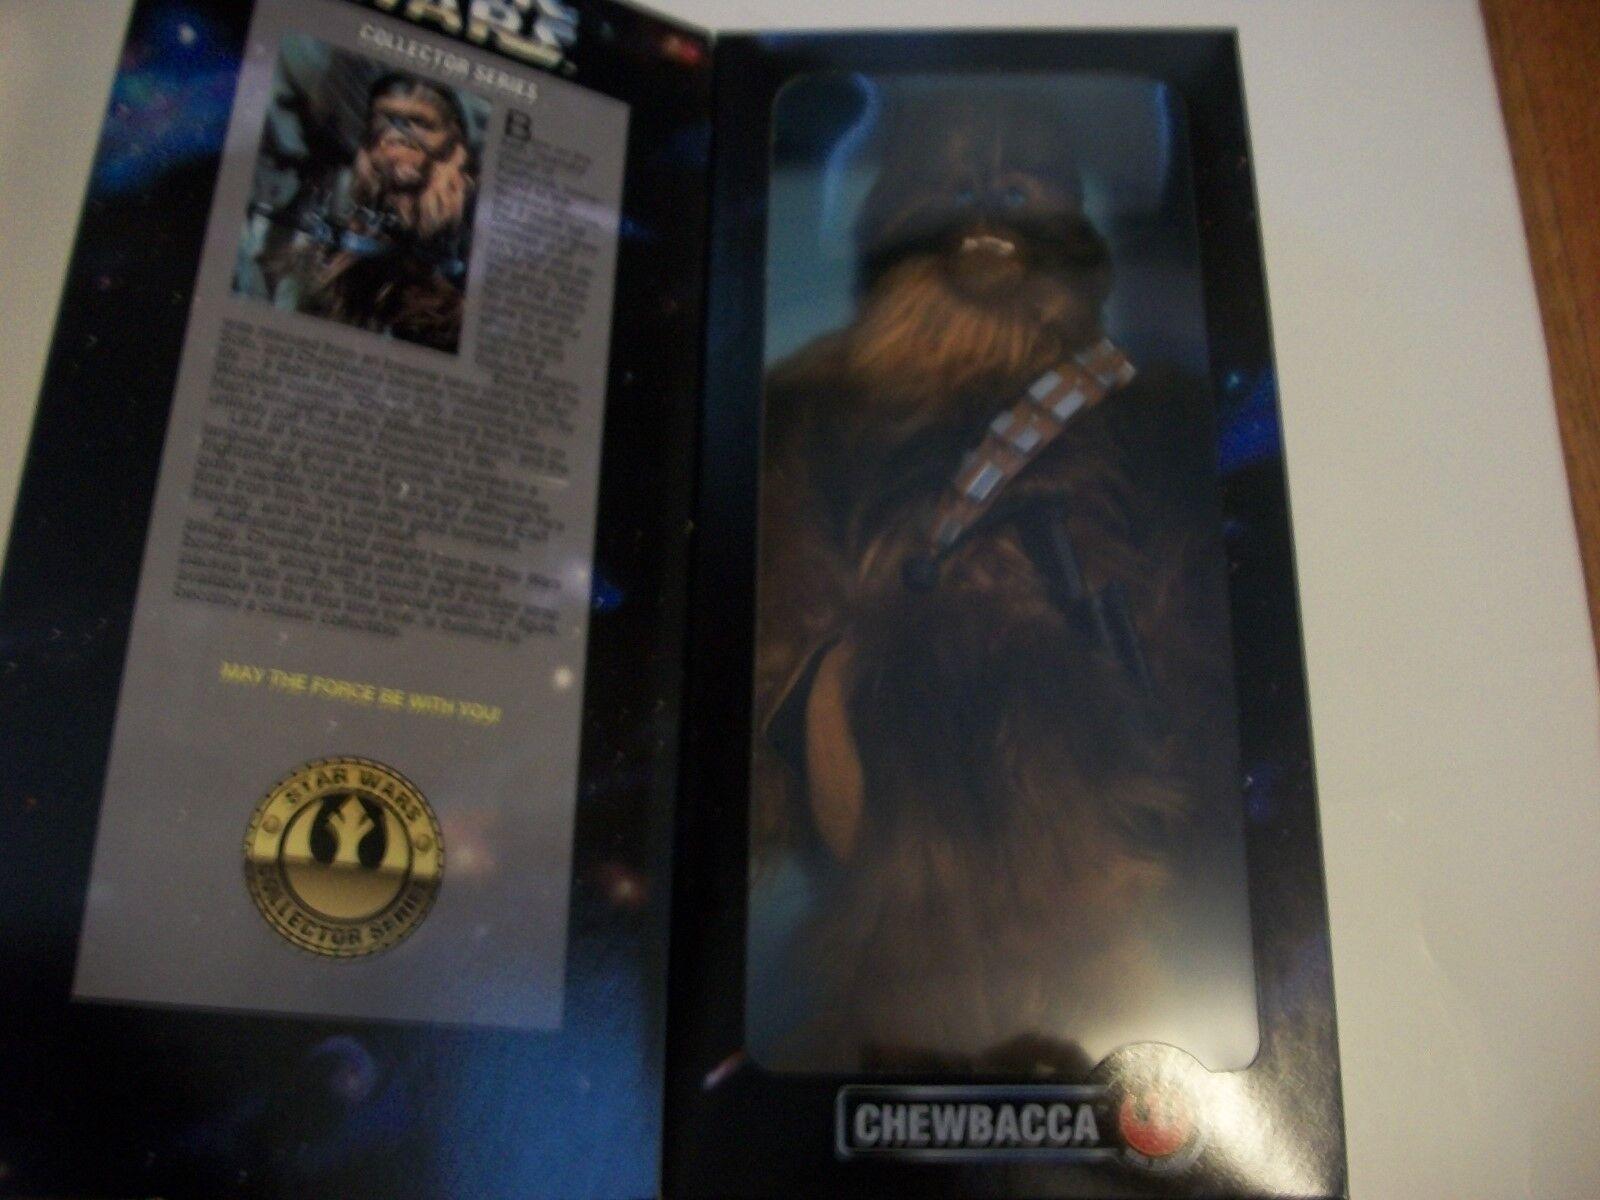 Star Wars Chewbacca 12 in (environ 30.48 cm) Figure Kenner 1996 jamais retiré de la boîte